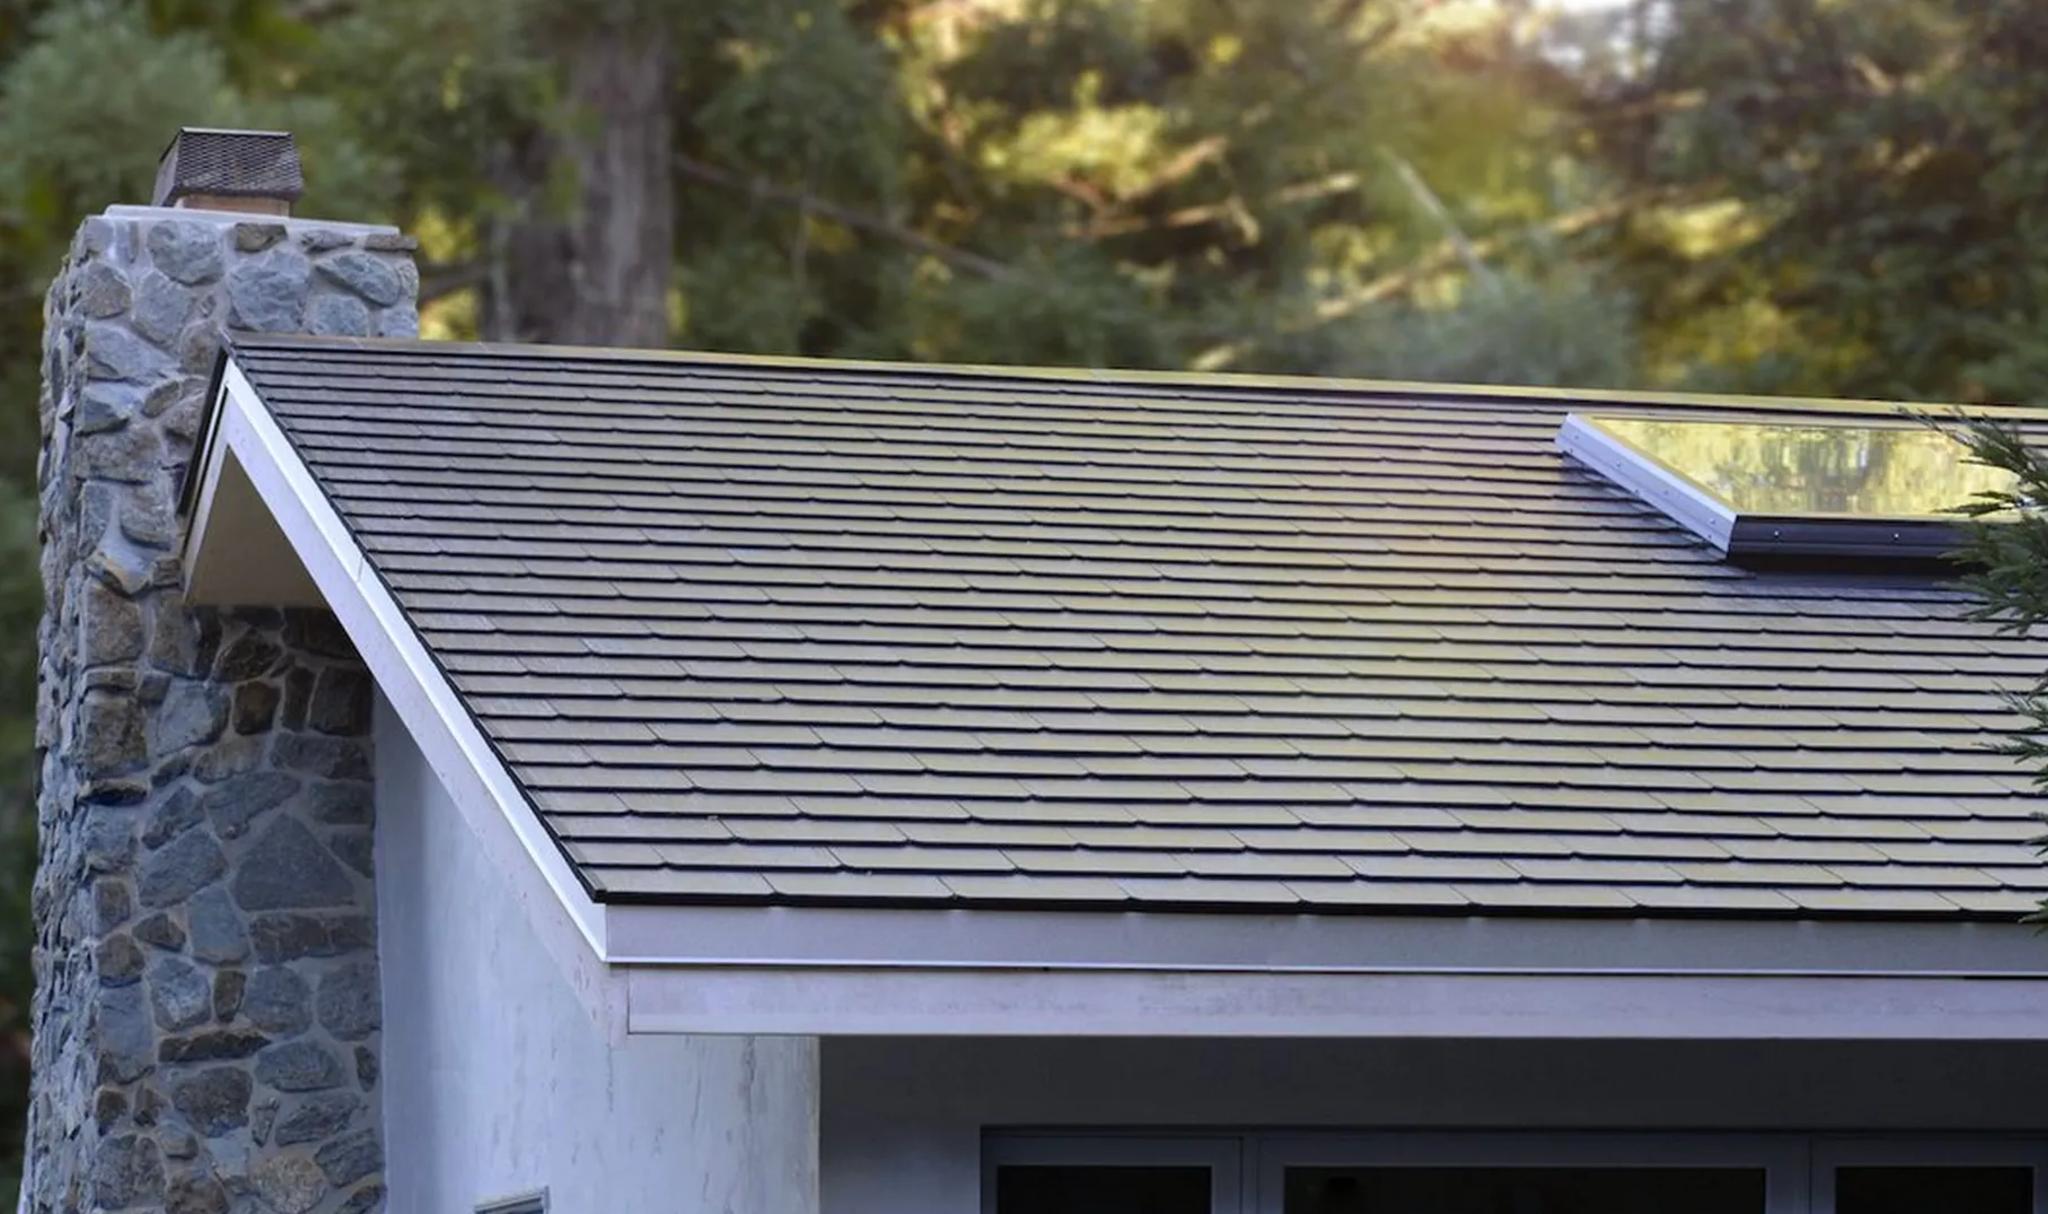 Tesla roof update